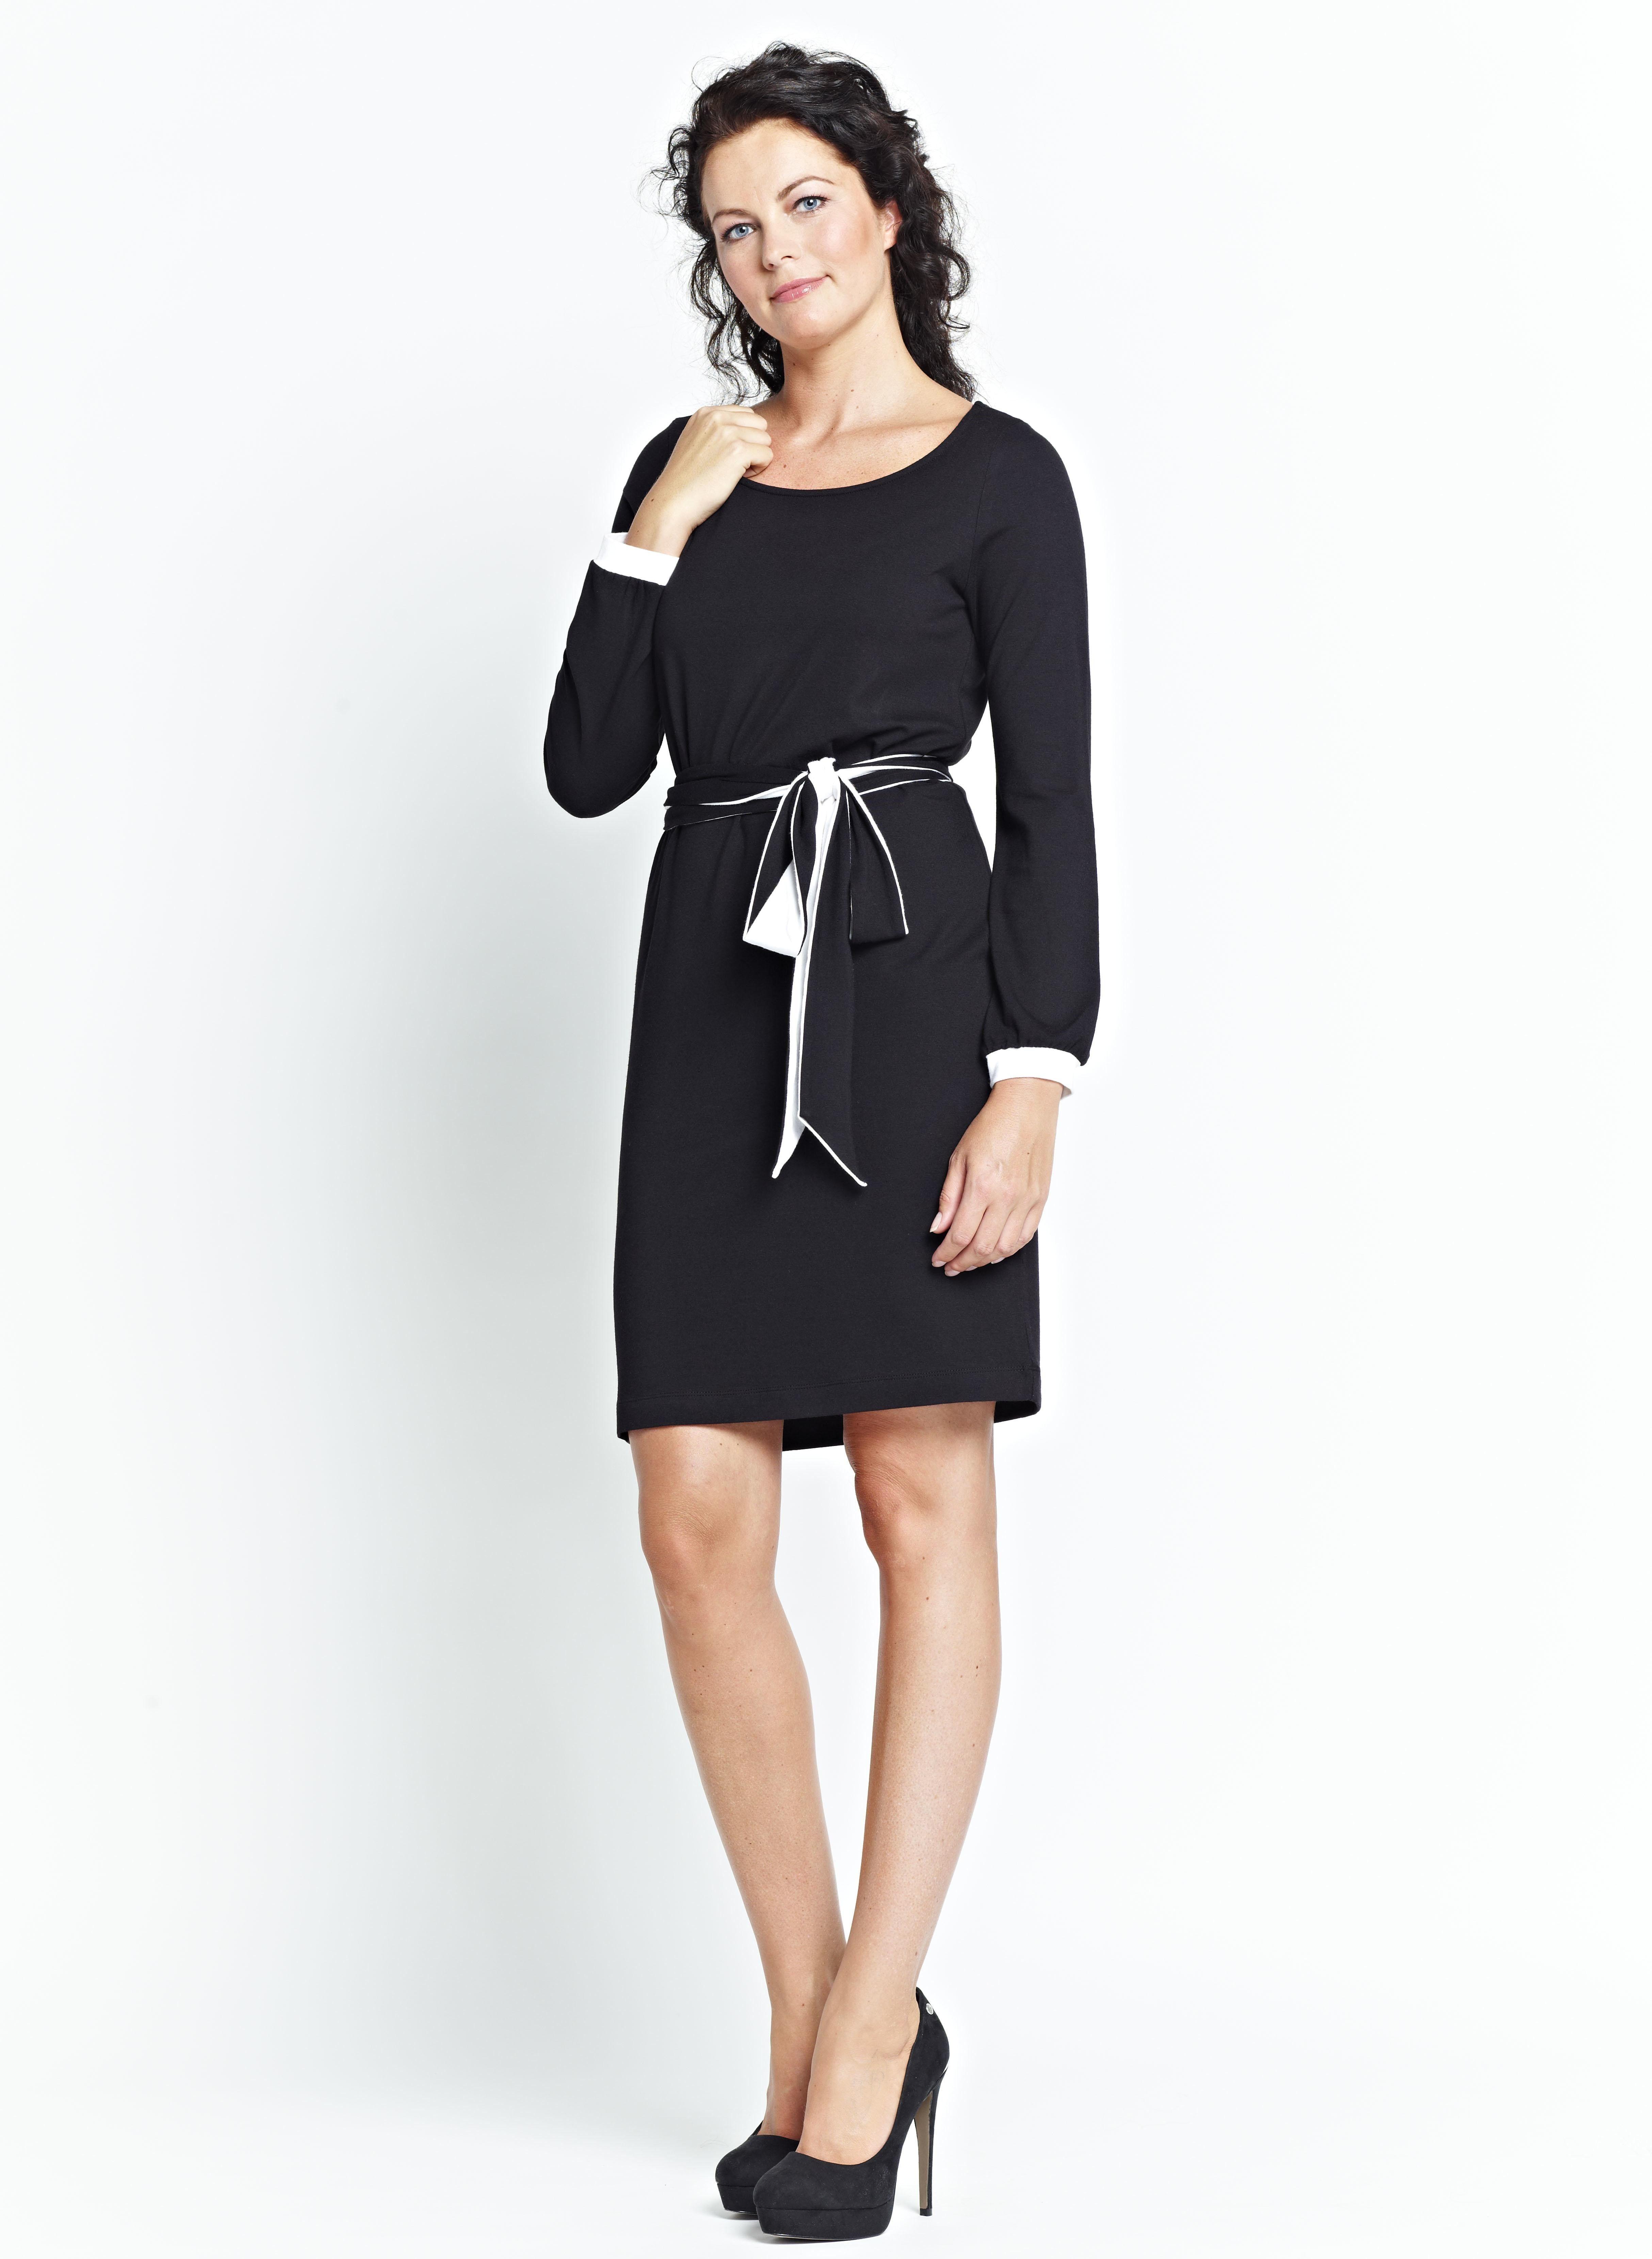 Heerlijke jurk van bamboe